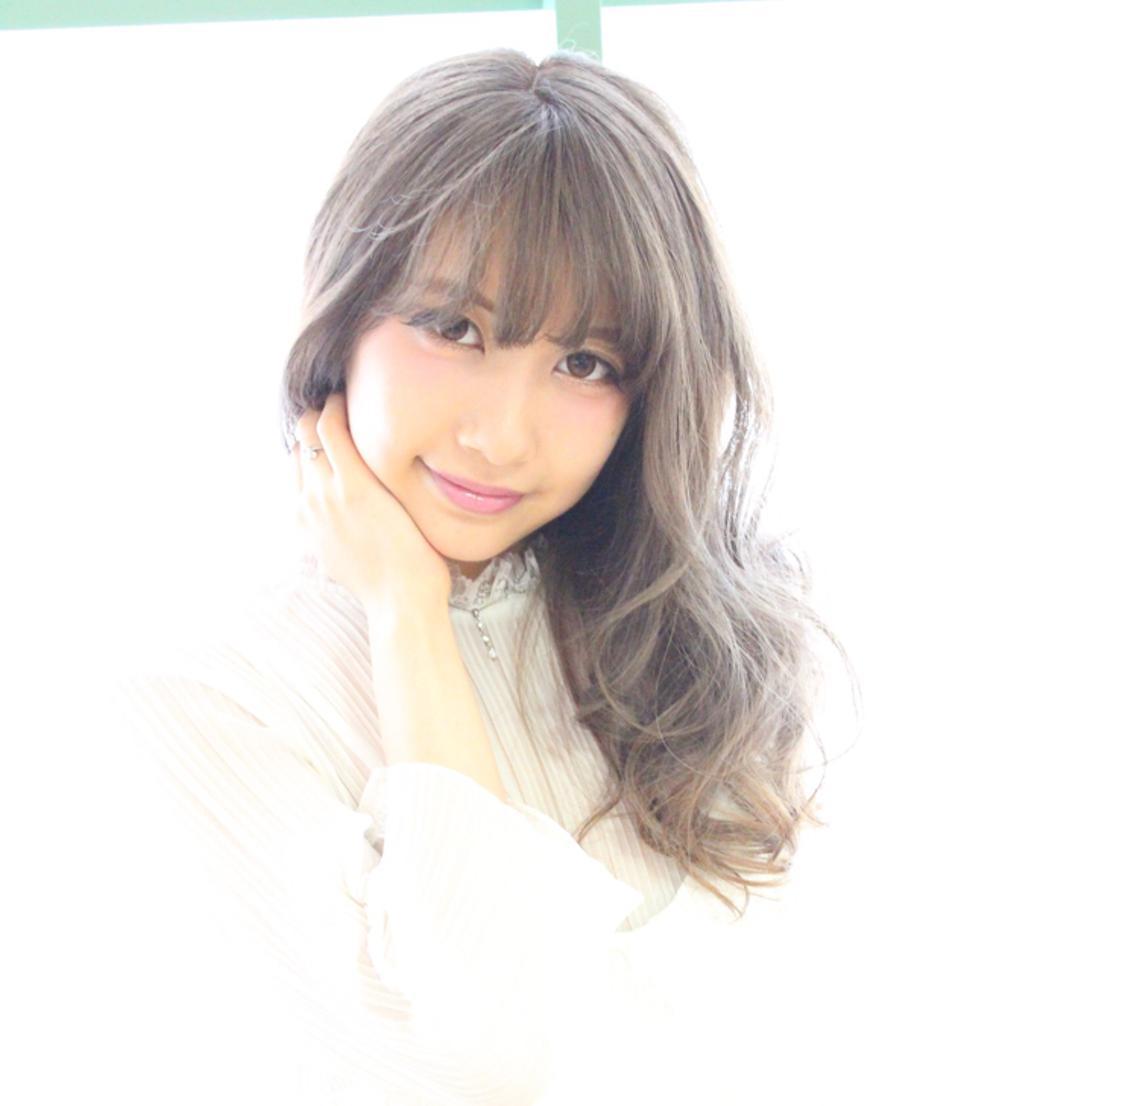 8月限定カット+カラー+オージュアトリートメント¥5900☆ゆるっとキメすぎない海外風なスタイルお任せください♪